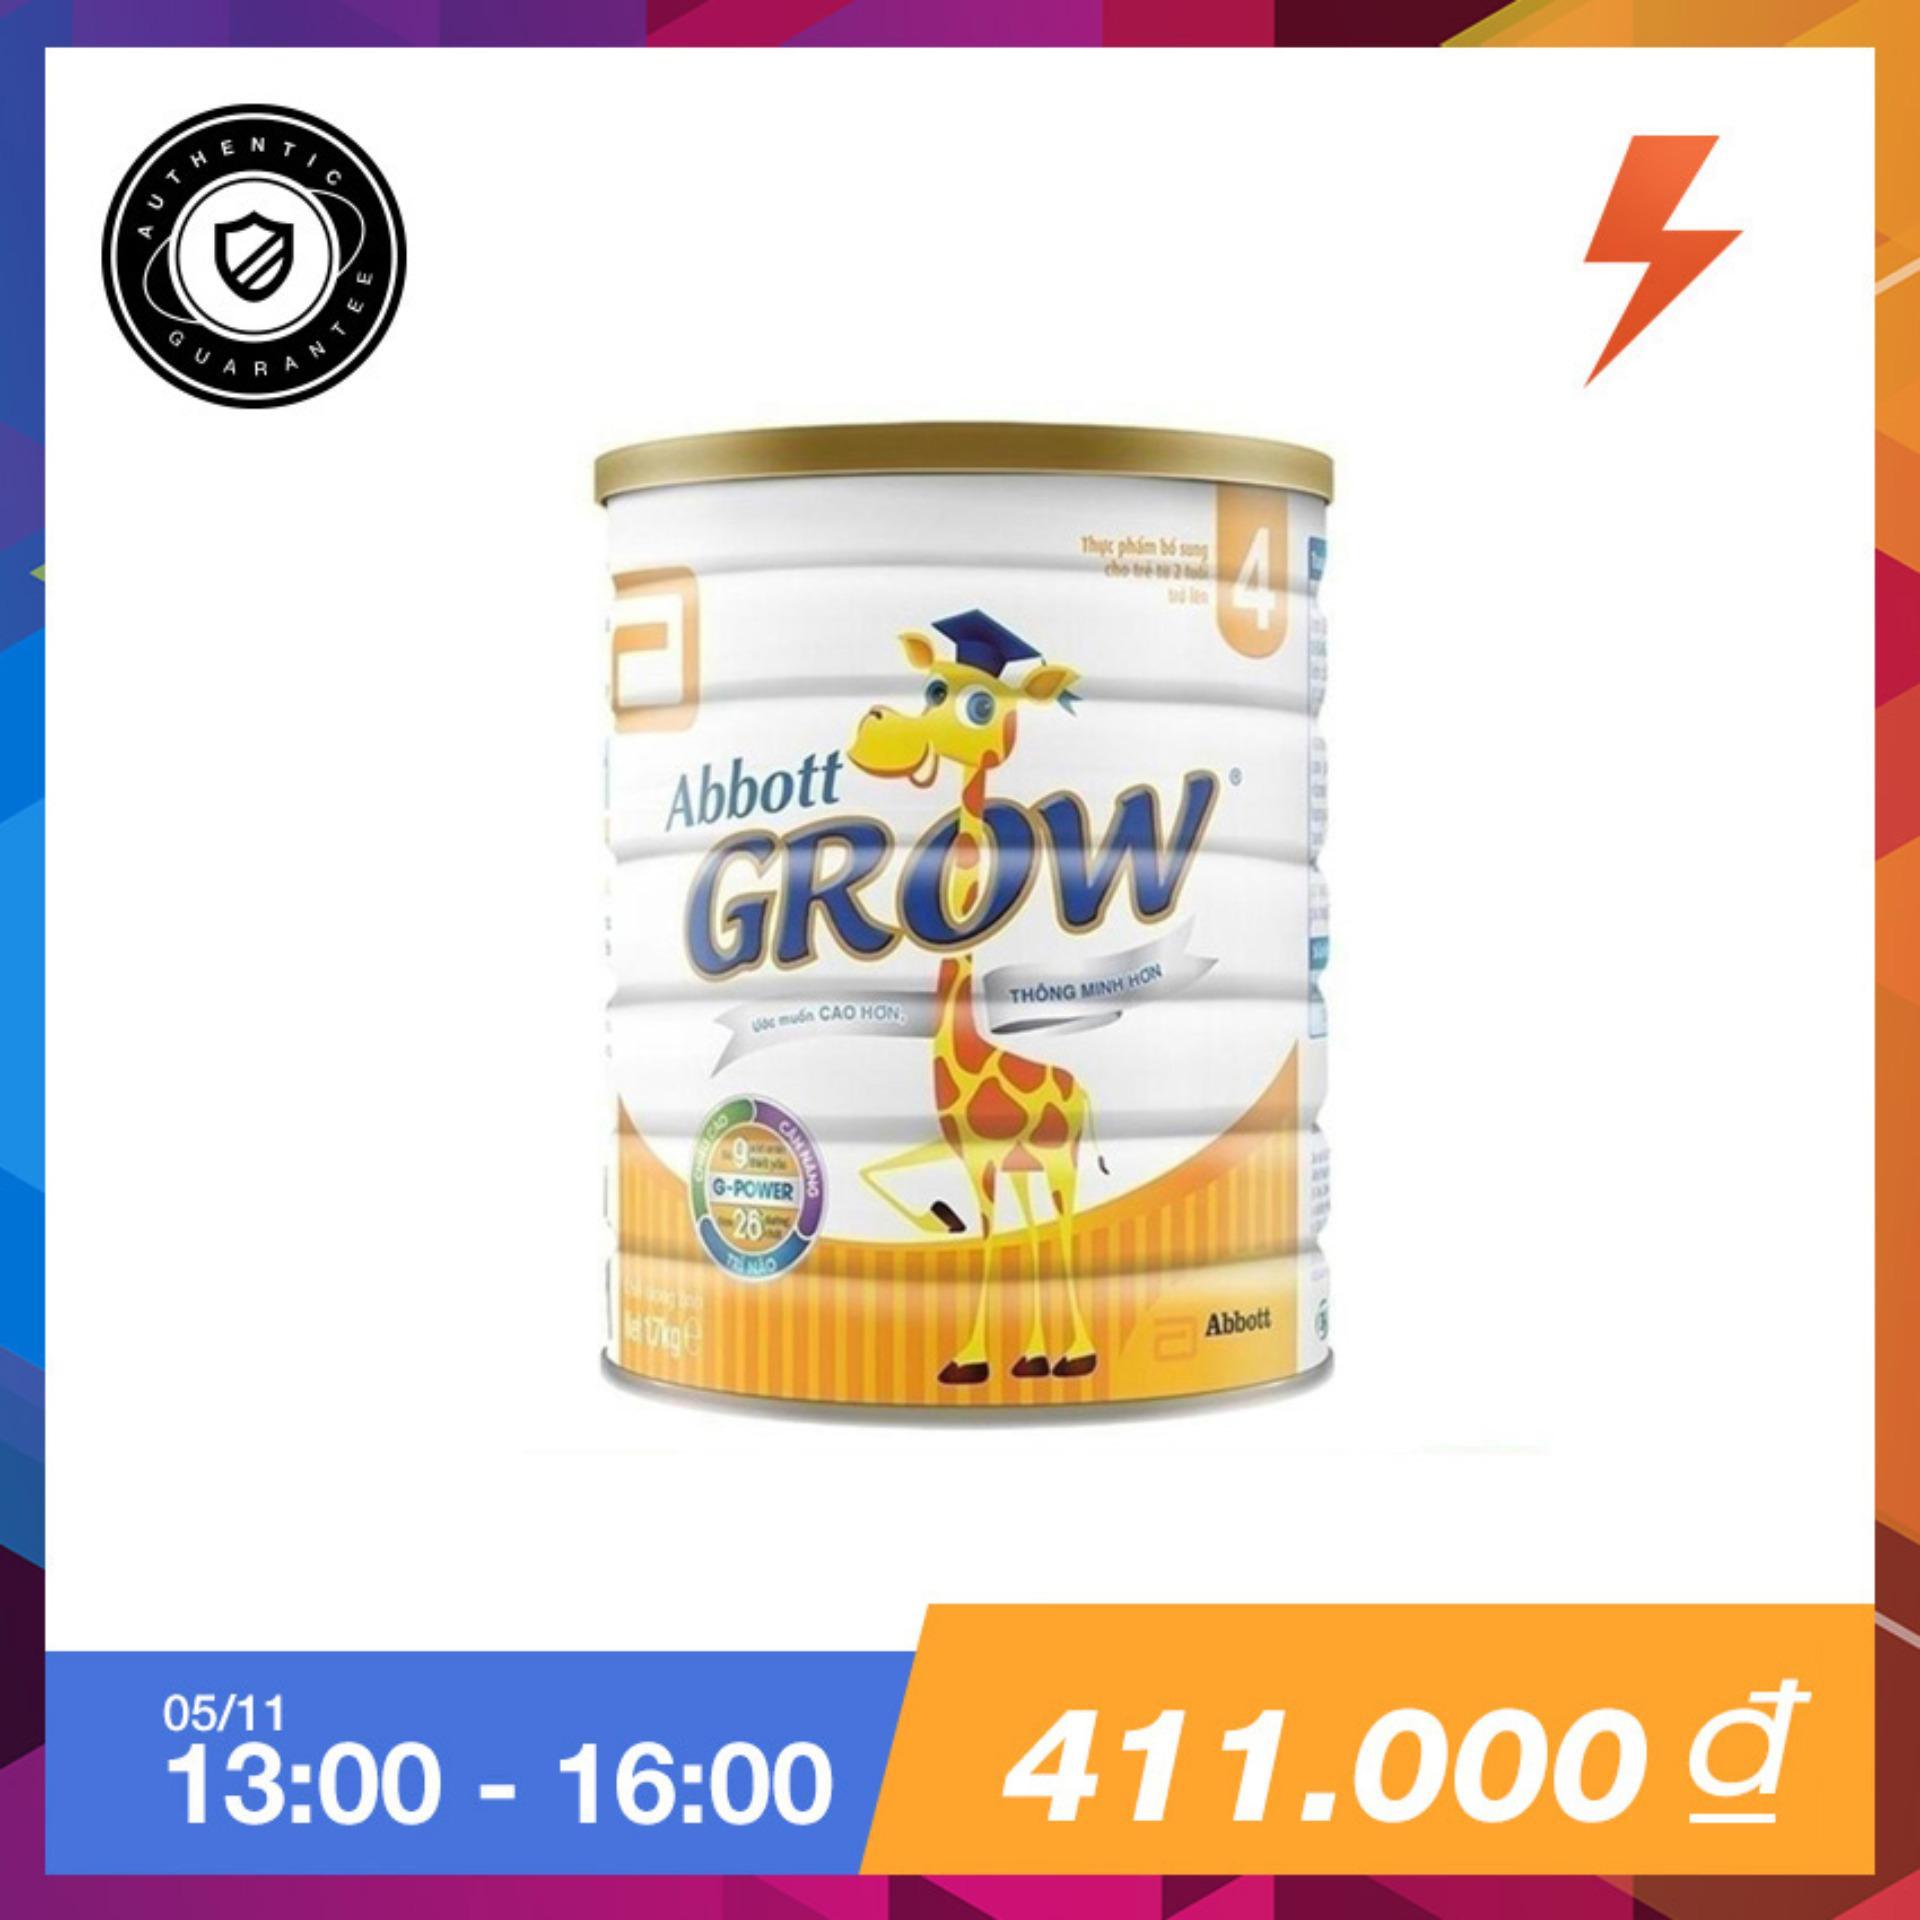 Ôn Tập Tốt Nhất Sữa Bột Abbott Grow 4 G Power Hương Vani 1 7Kg